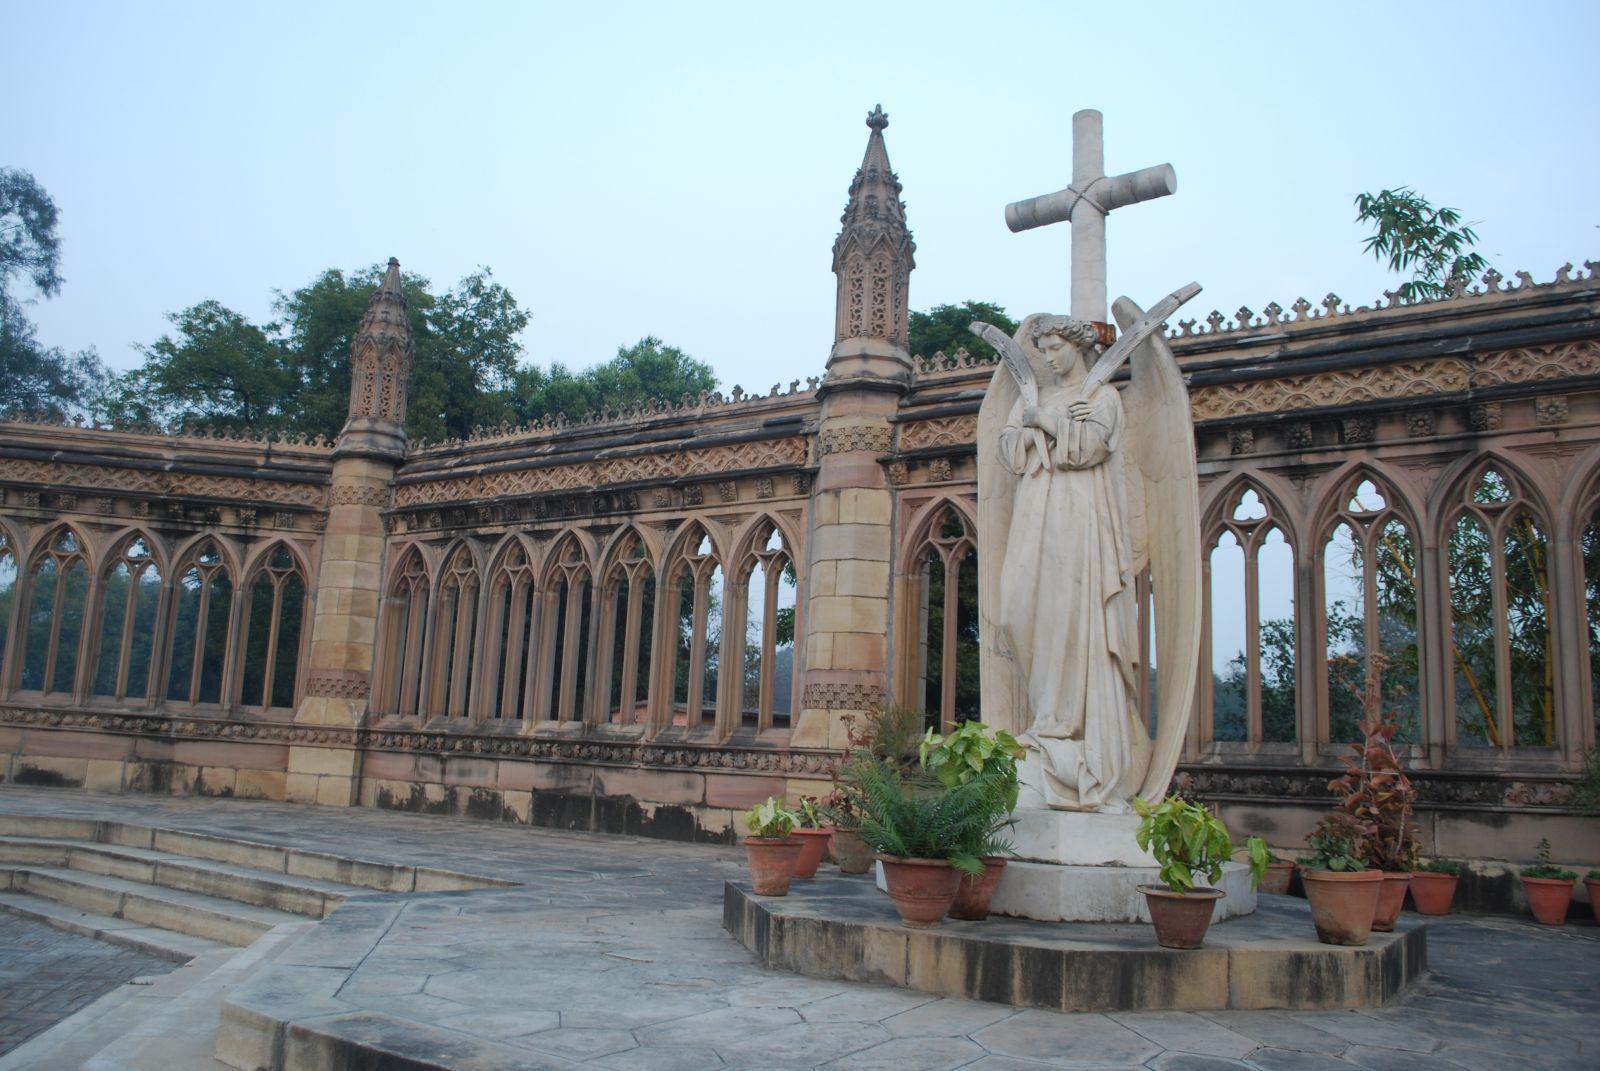 紀念堂內充滿宗教的氣氛